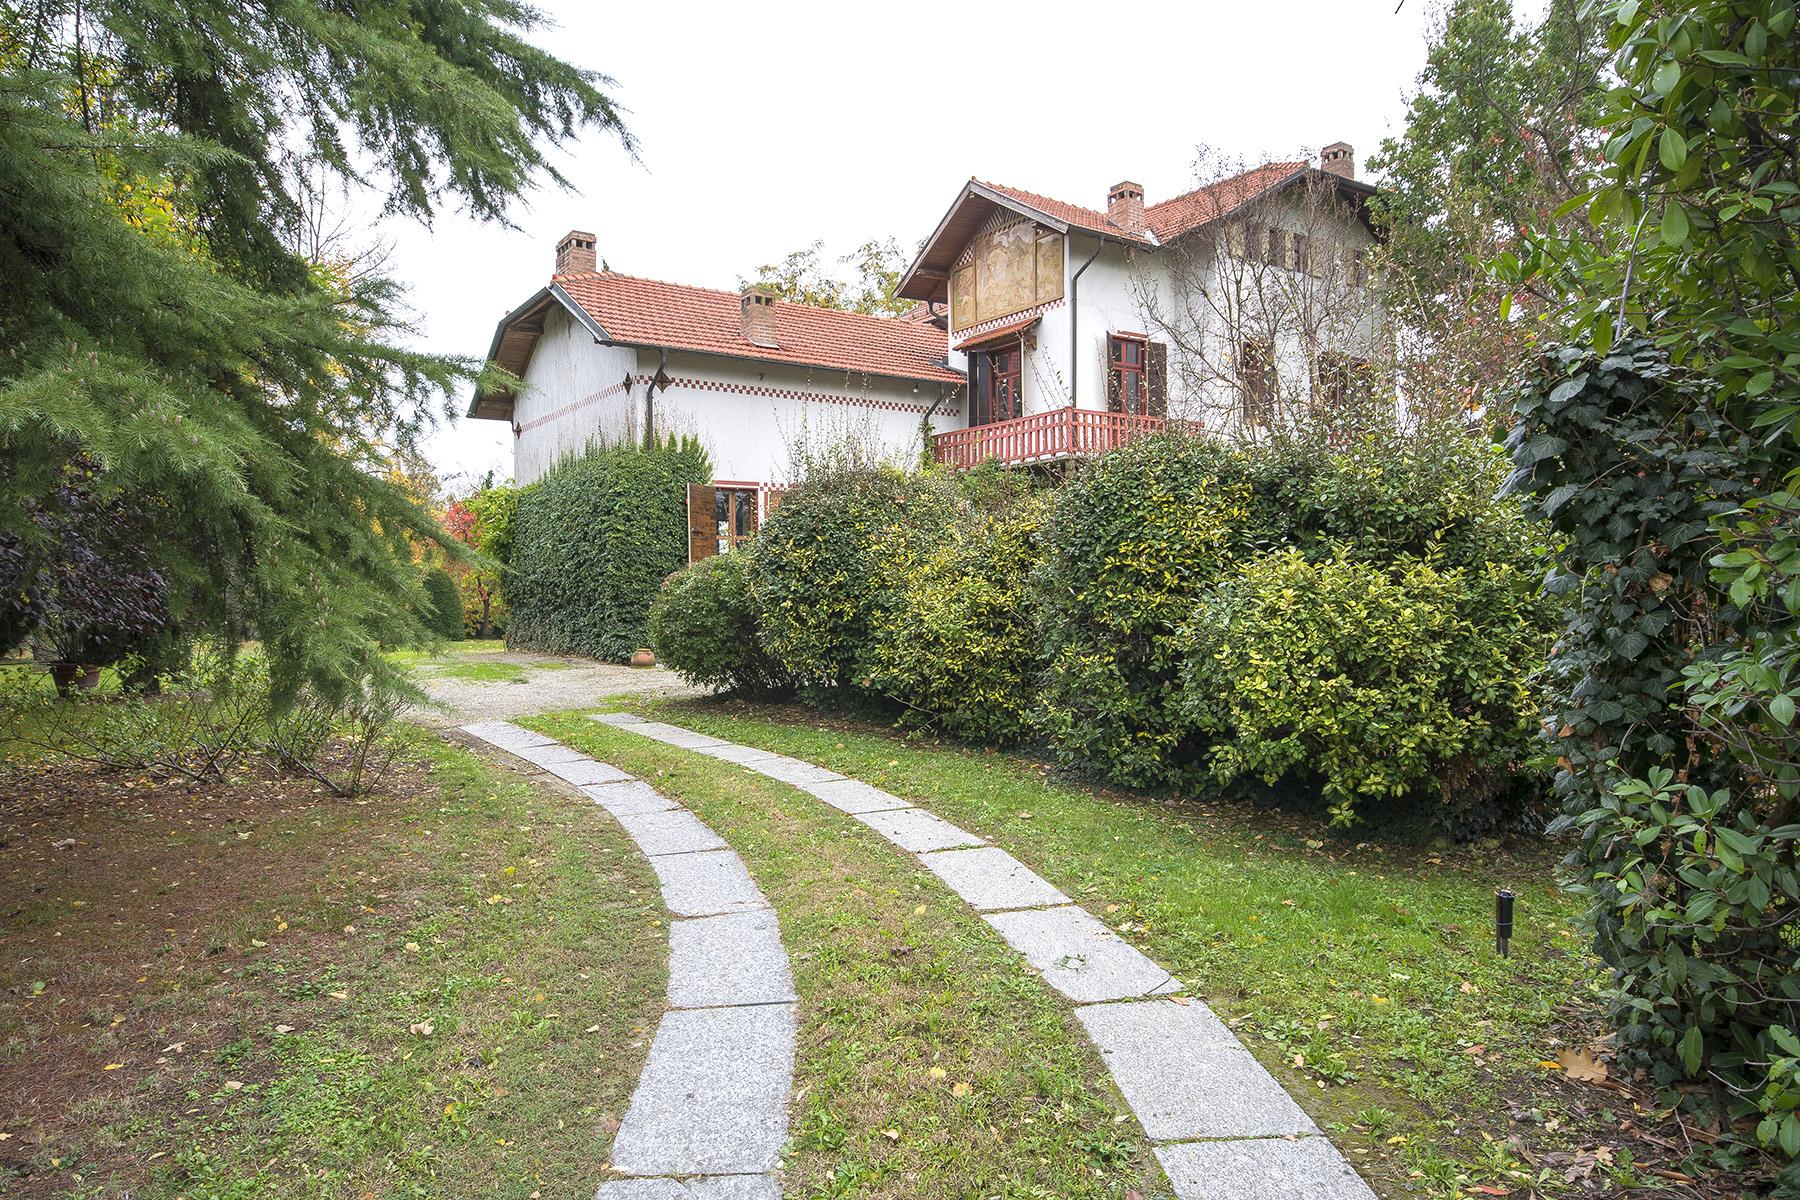 Casa indipendente in Vendita a Traversetolo: 5 locali, 350 mq - Foto 3